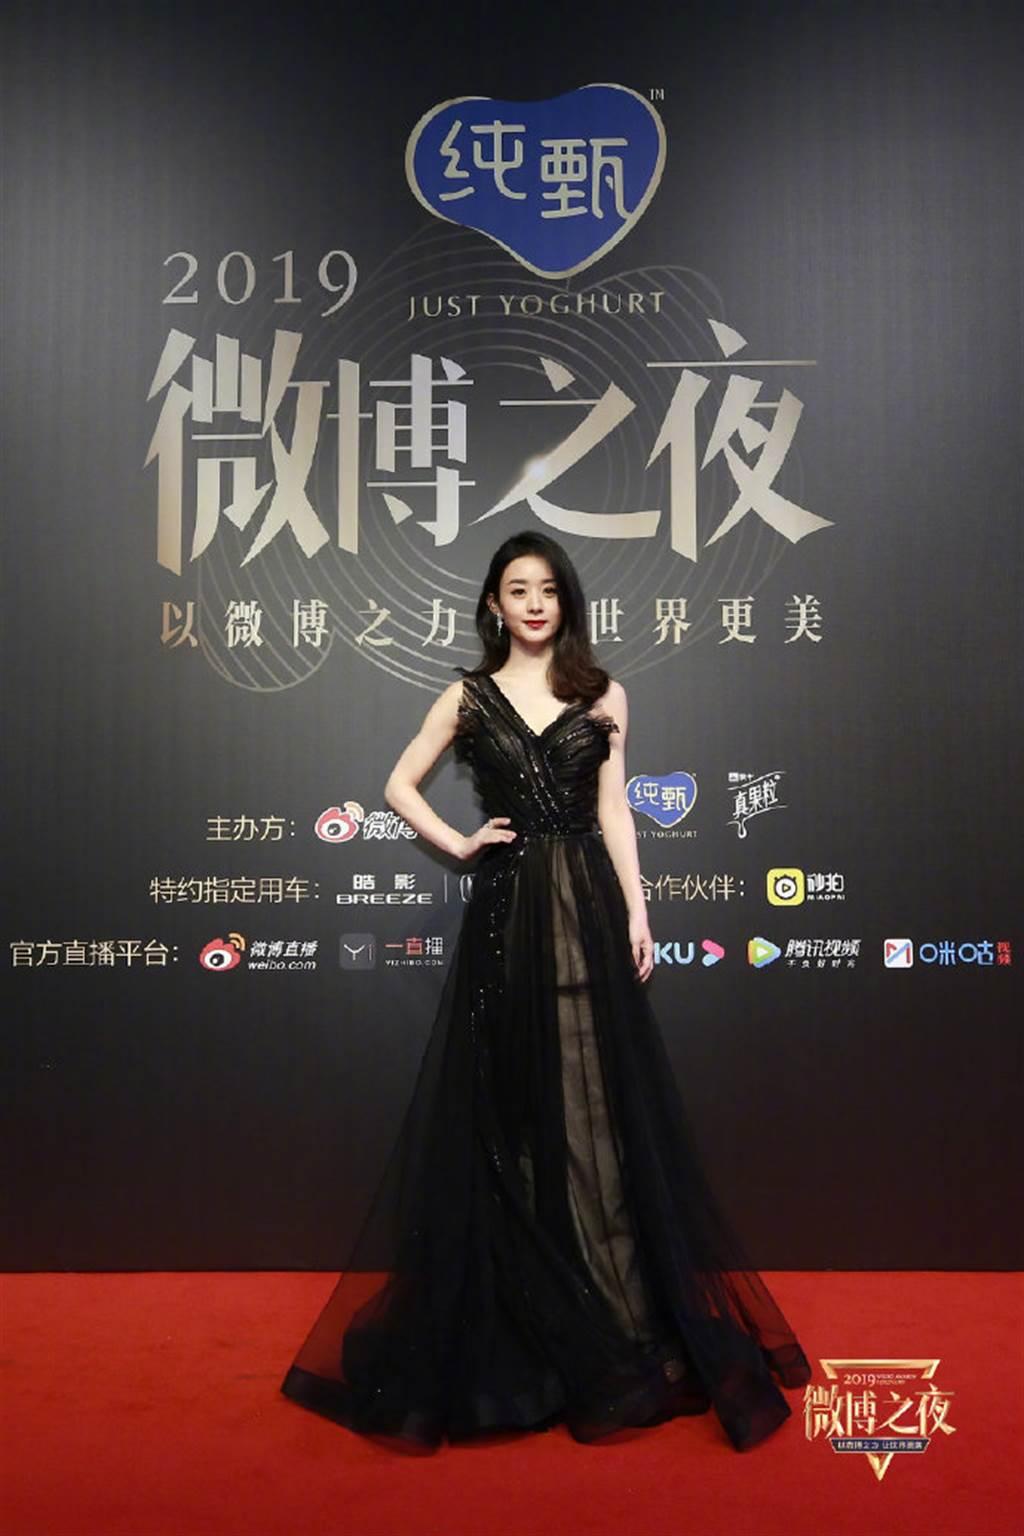 赵丽颖以黑色低胸单肩礼服入镜,她身型纤细、俏丽,举手投足绝美。(图/取材自微博之夜微博)